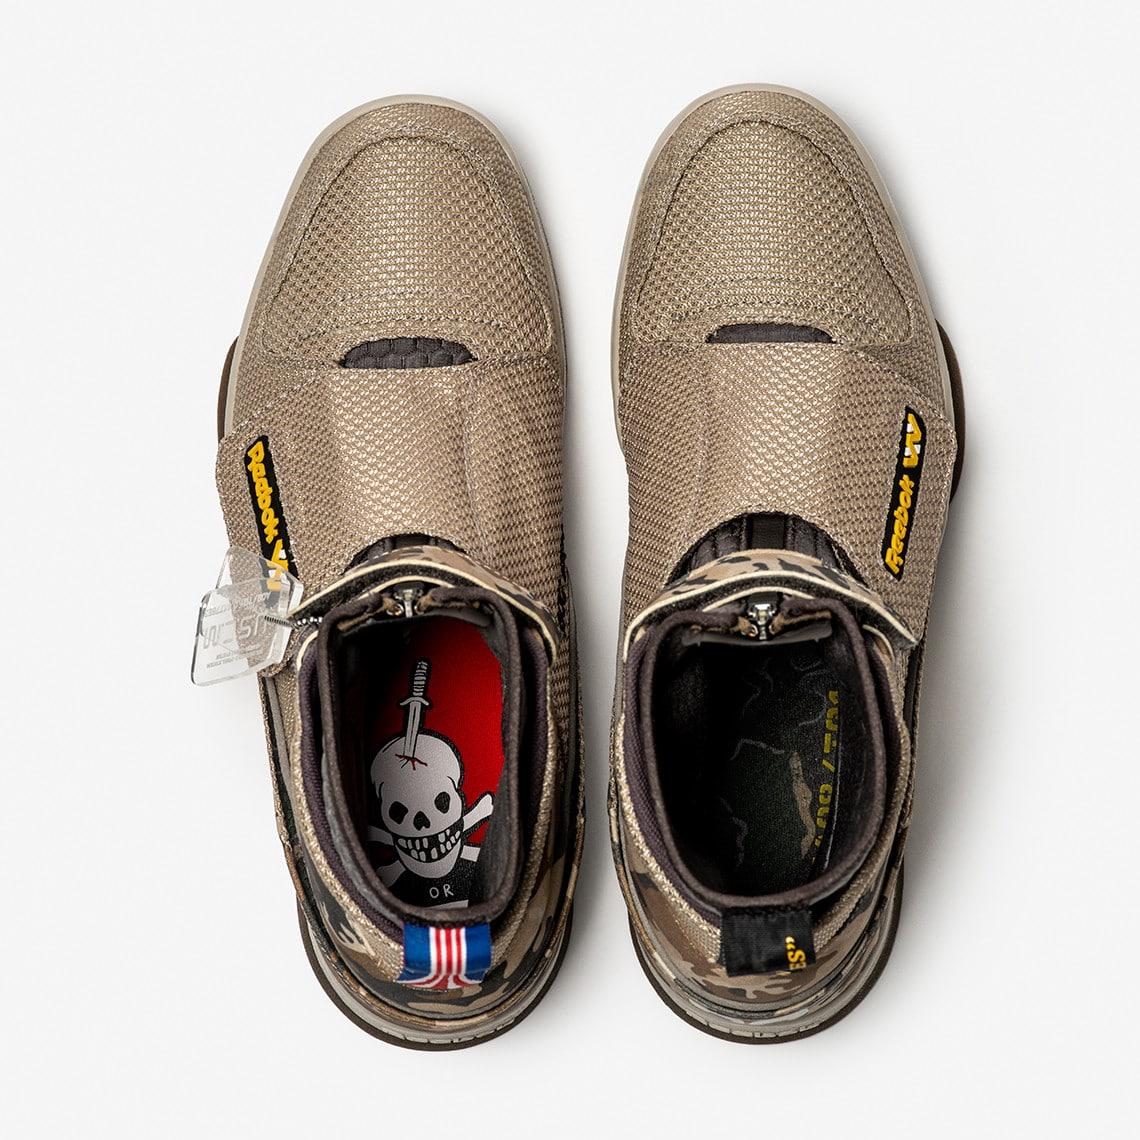 Reebok Alien U.S.C.M. Bug Stomper shoes will launch on Alien Day 2020 19